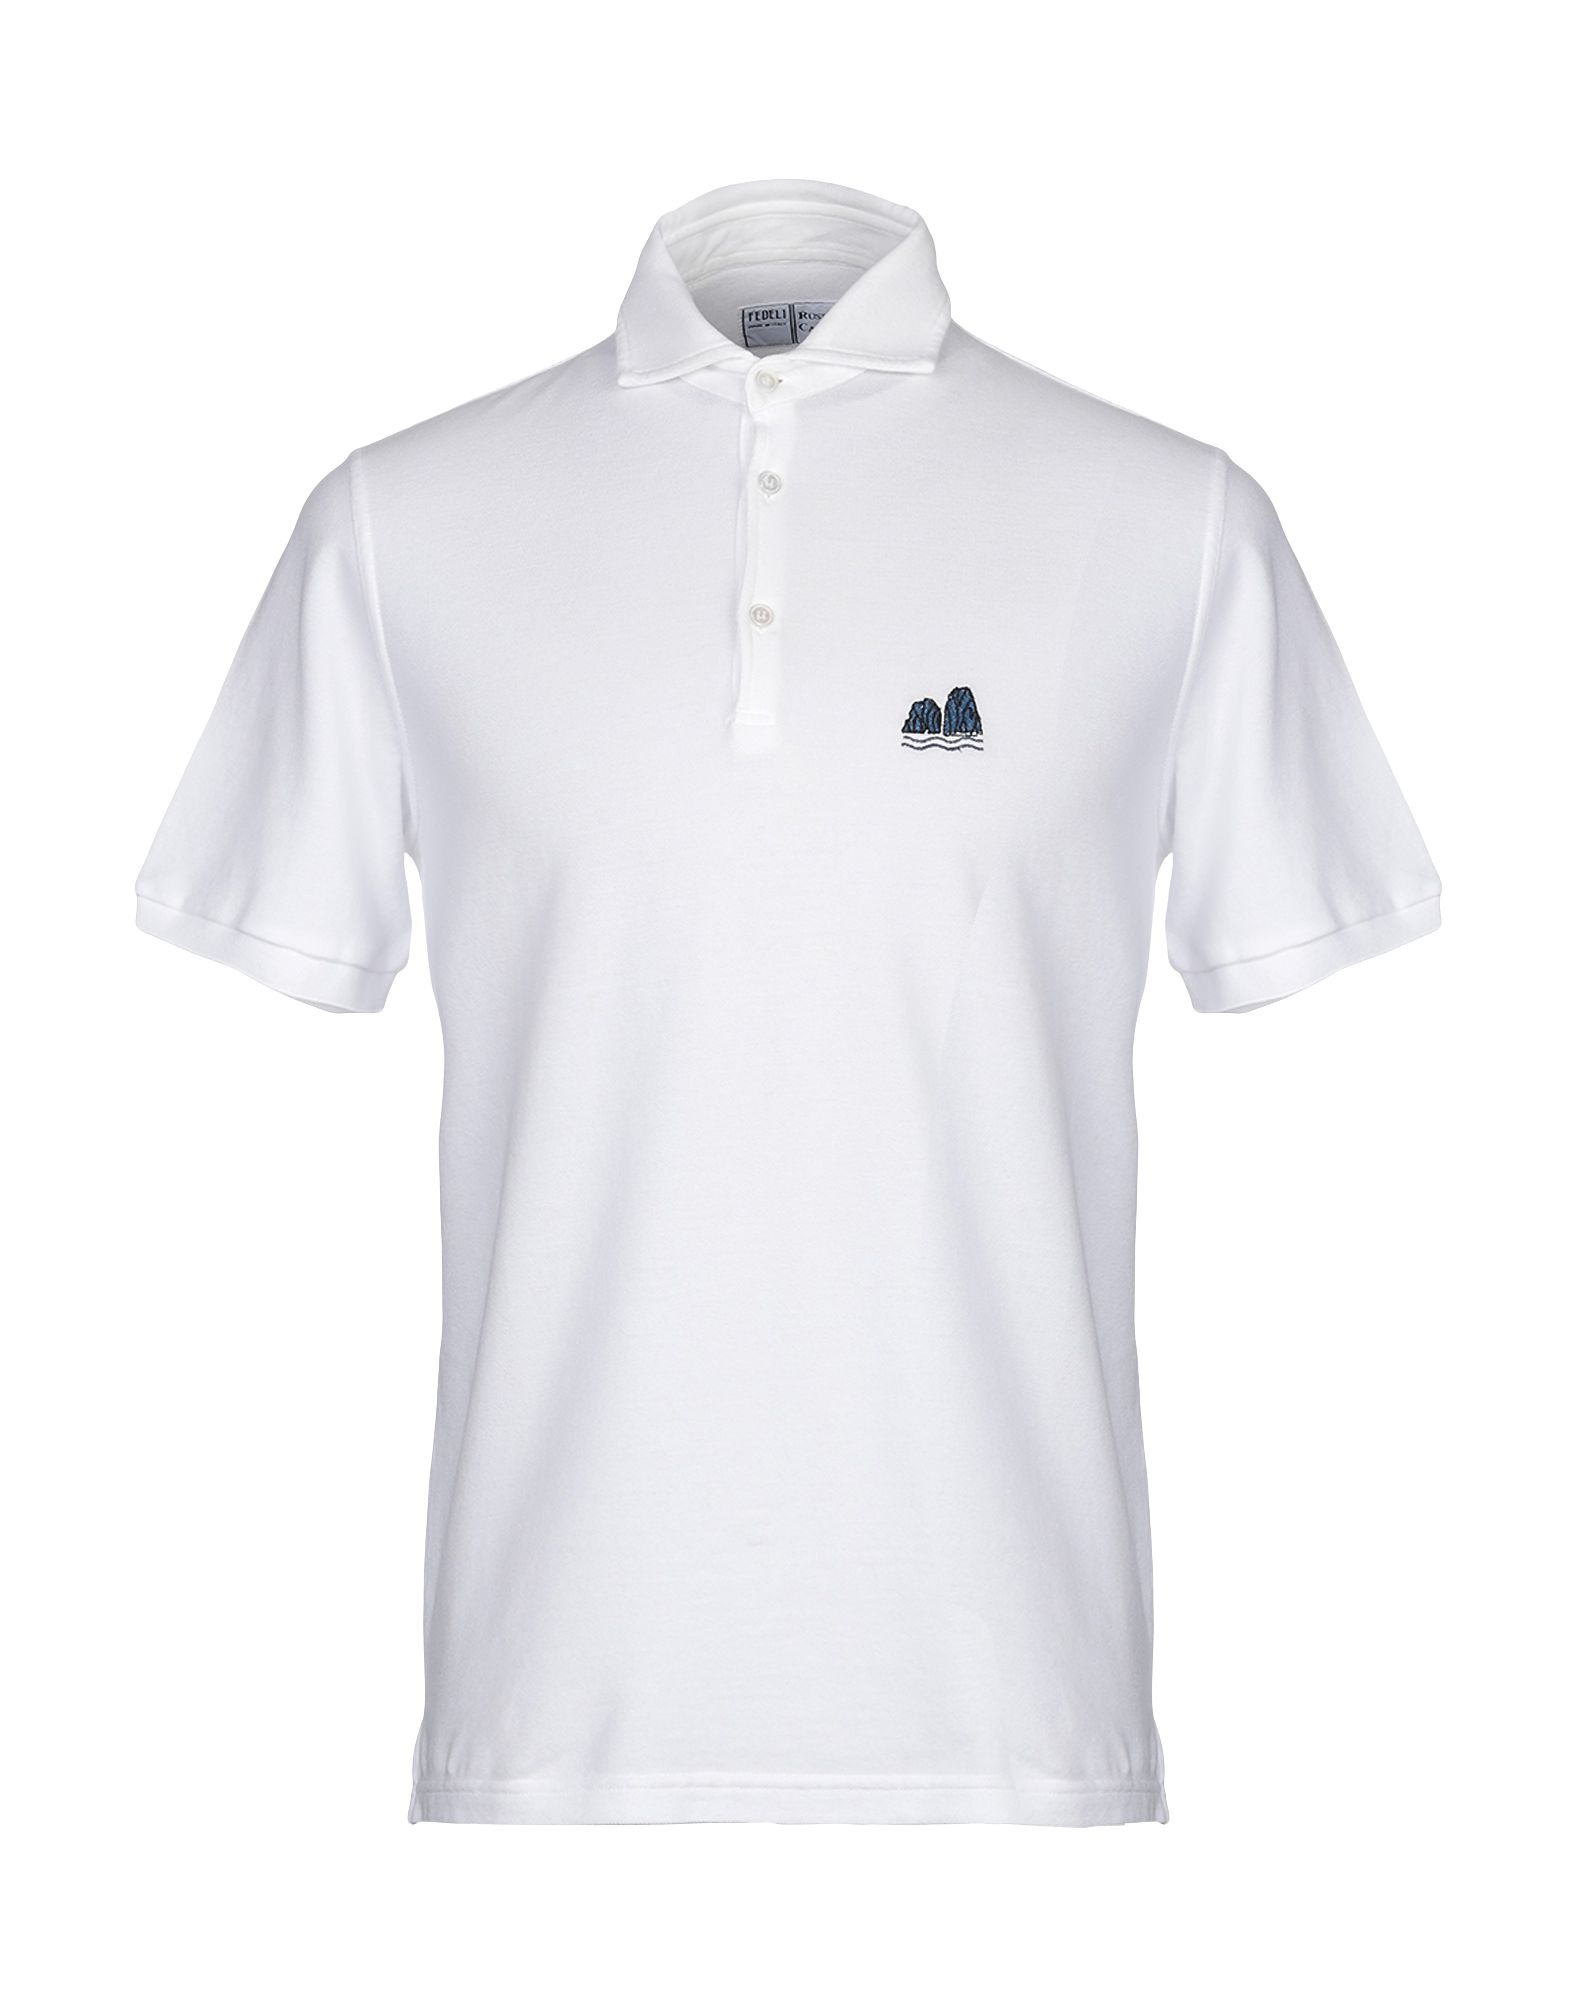 《期間限定セール中》FEDELI メンズ ポロシャツ ホワイト 48 コットン 100%